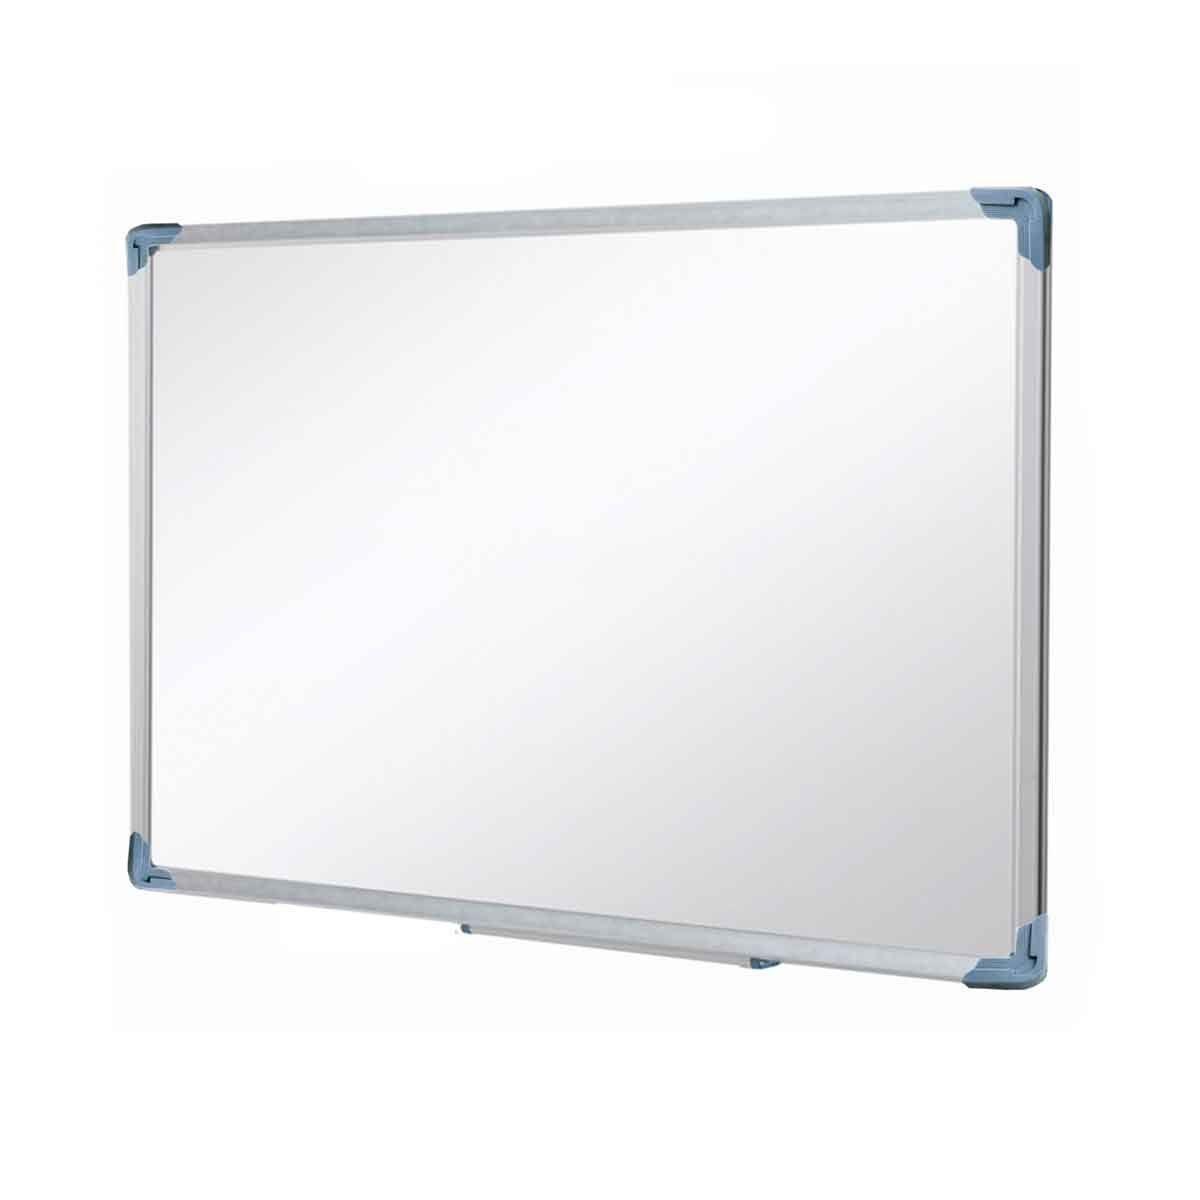 Lousa Quadro Branco Com Moldura De Alumínio 60x80cm